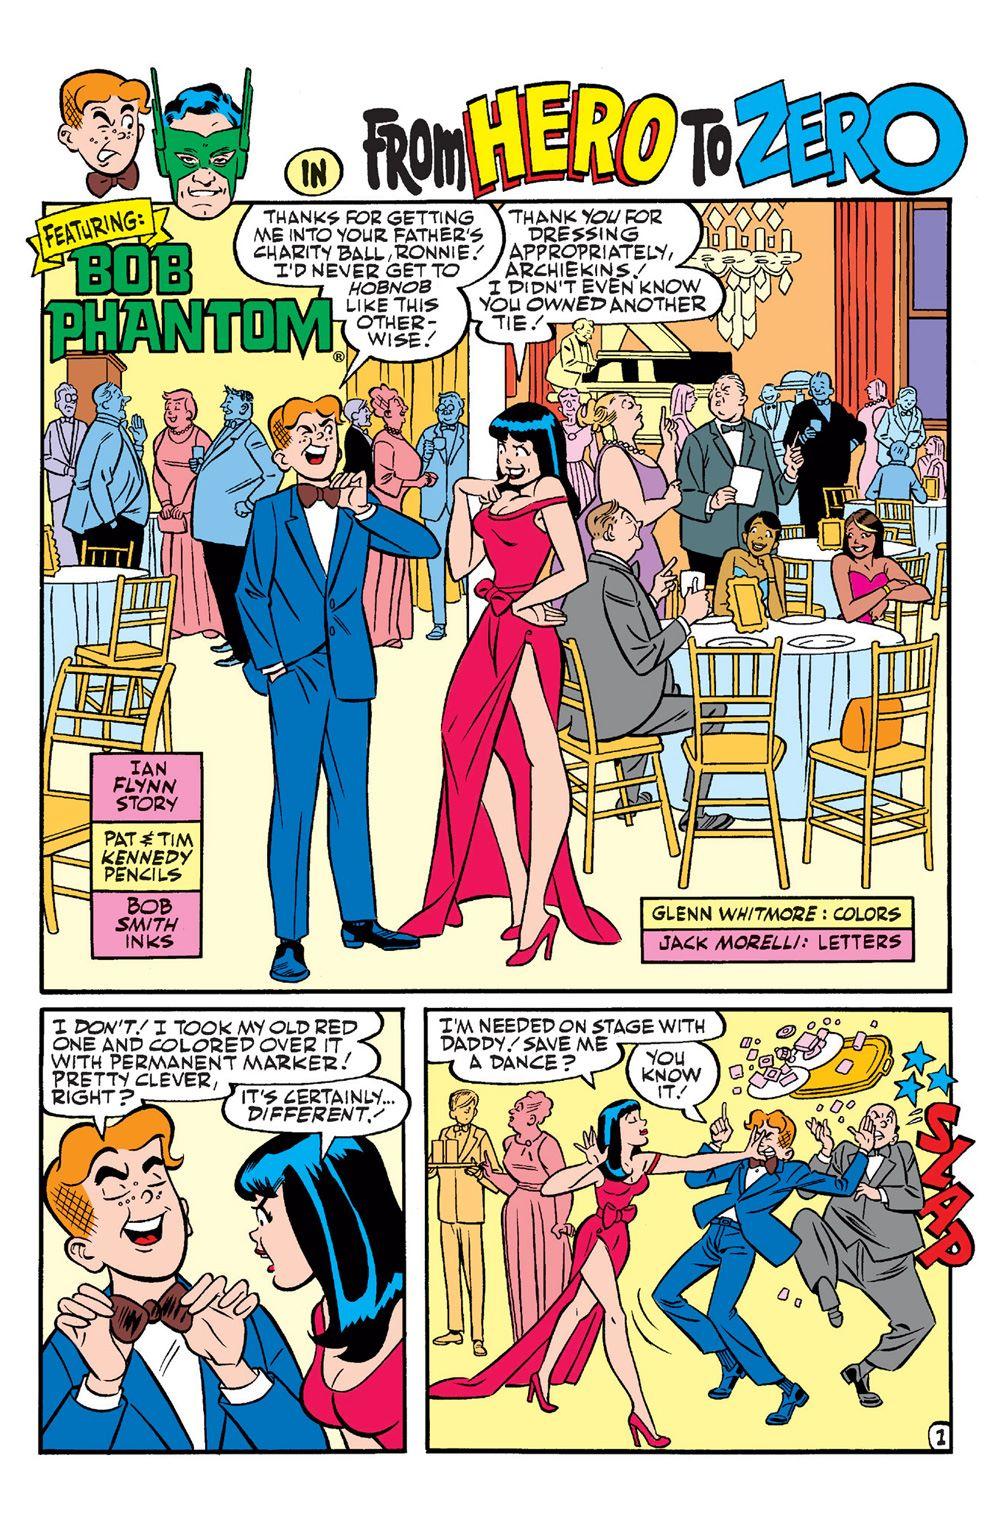 ArchieAndFriends_Superheroes-3 ComicList Previews: ARCHIE AND FRIENDS SUPERHEROES #1